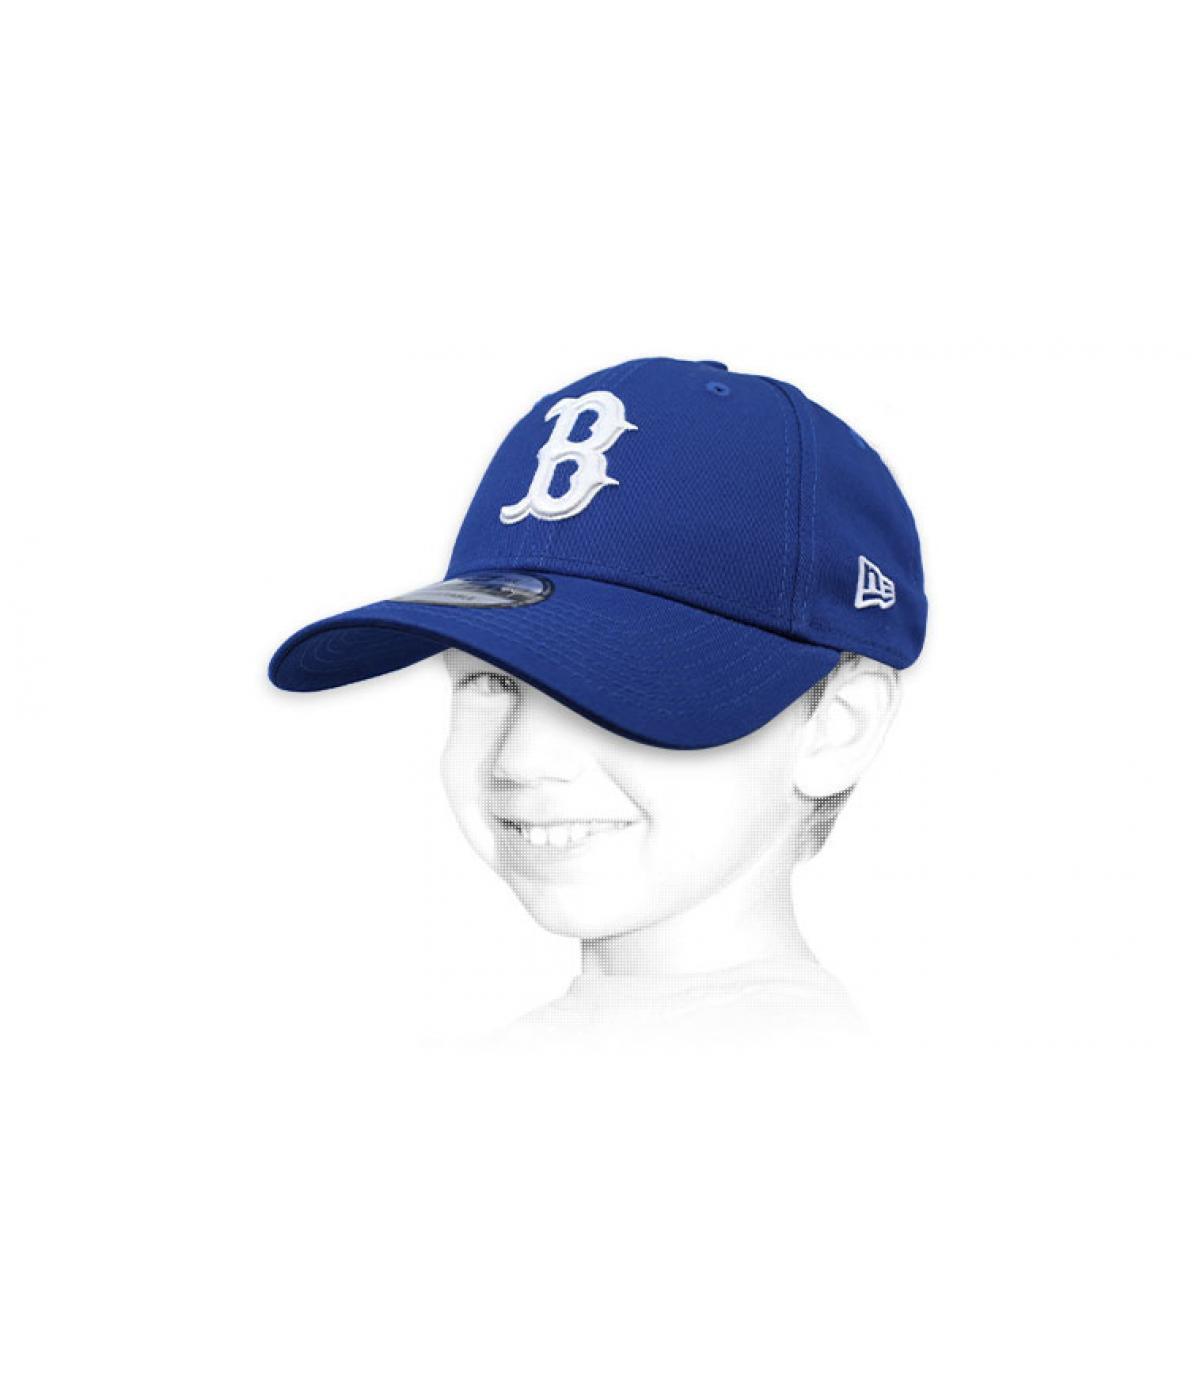 kindermuts B blauw